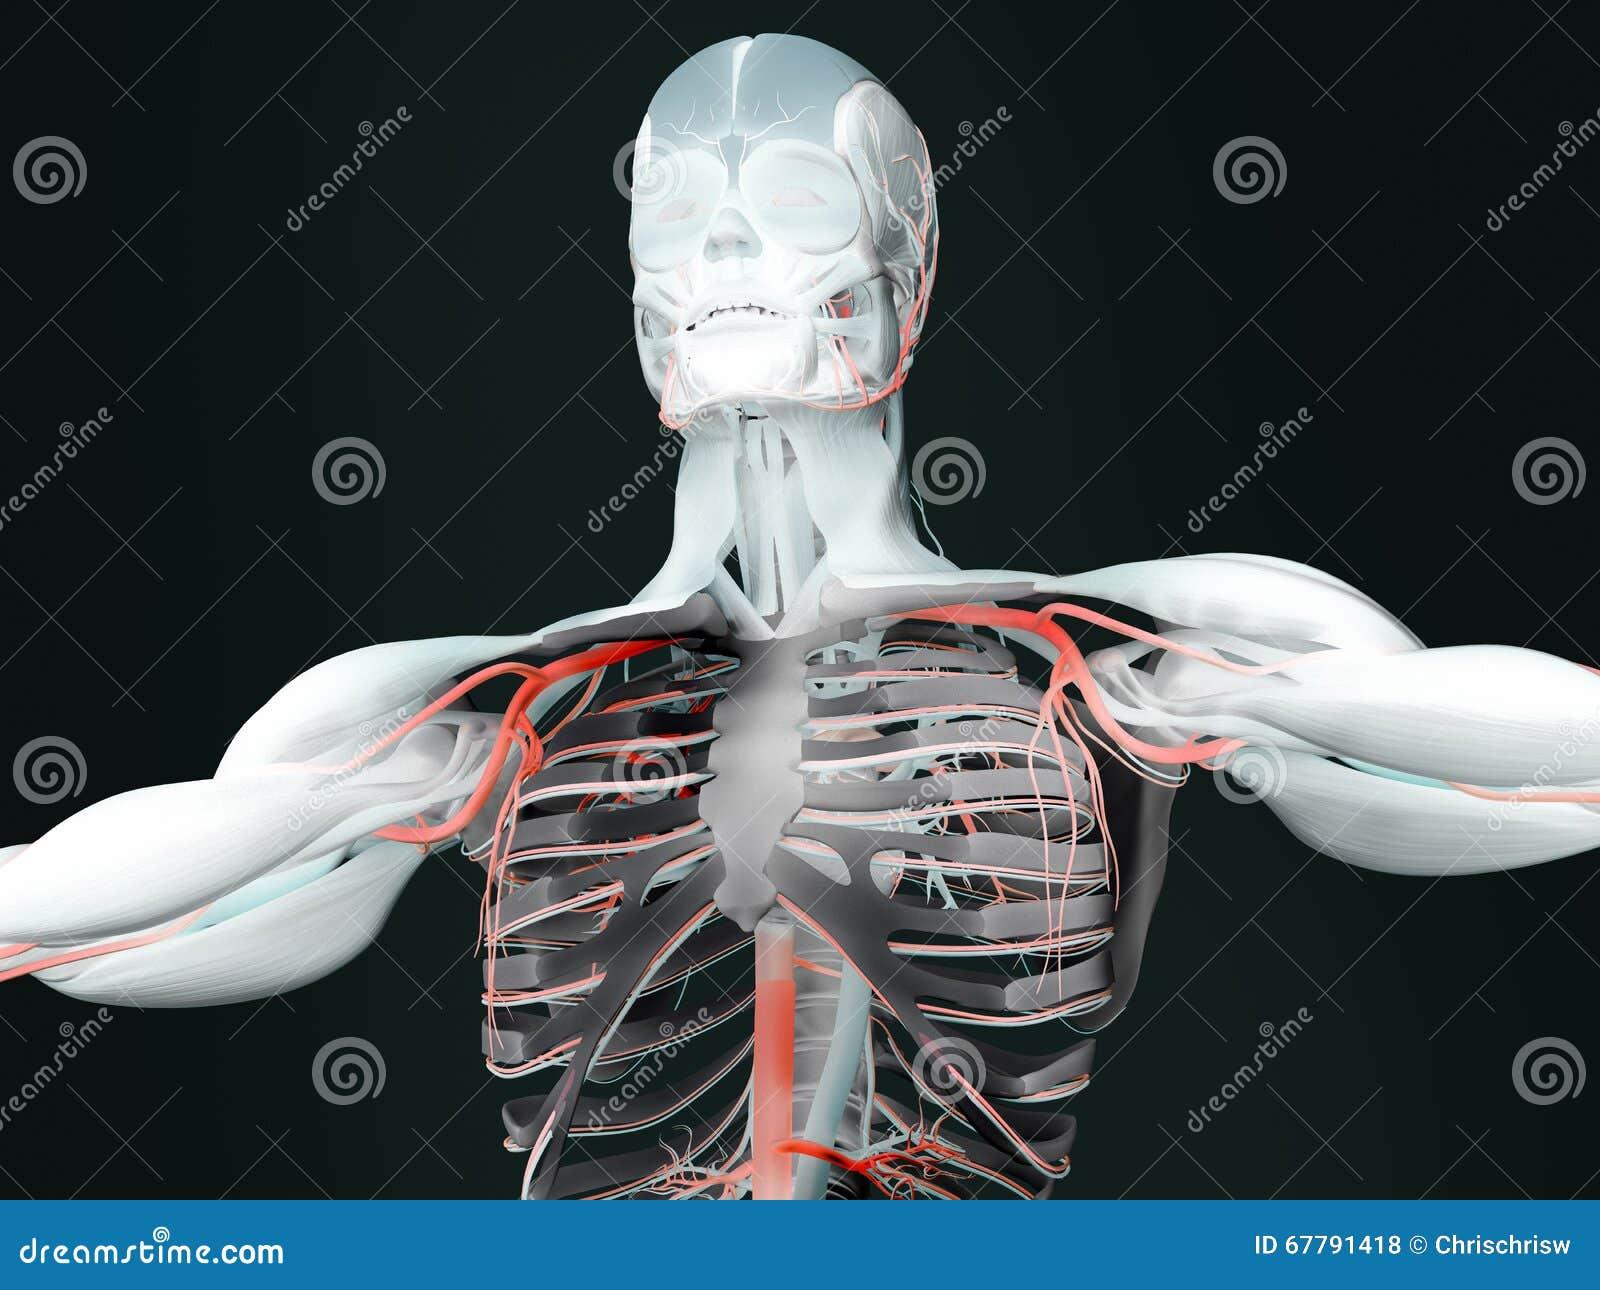 Menschliche Anatomie stock abbildung. Illustration von ausbildung ...